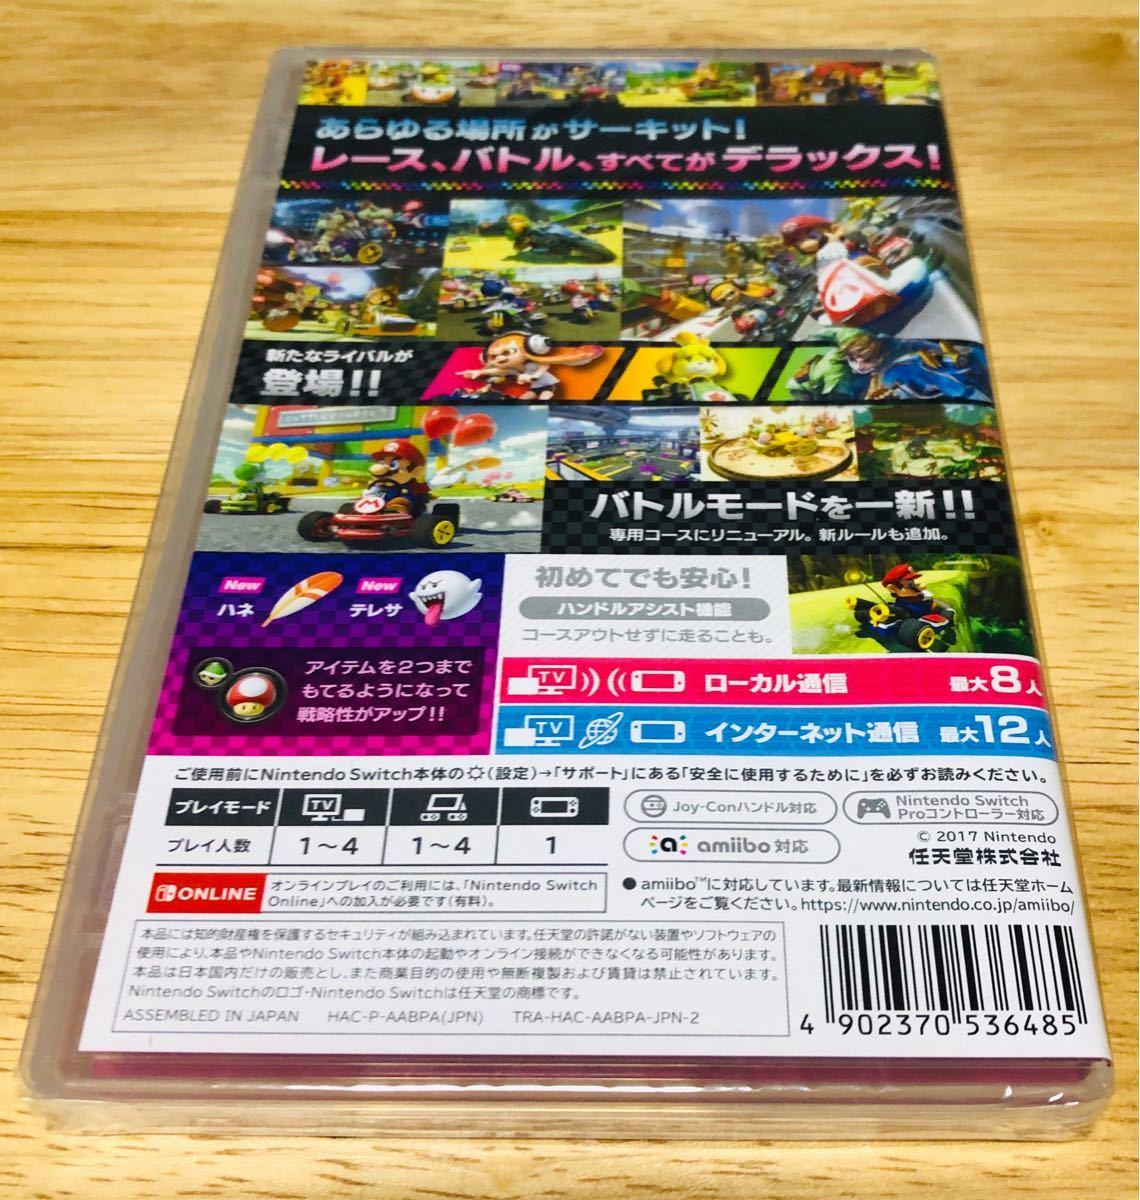 【新品未開封】マリオカート8 デラックス switch ソフト